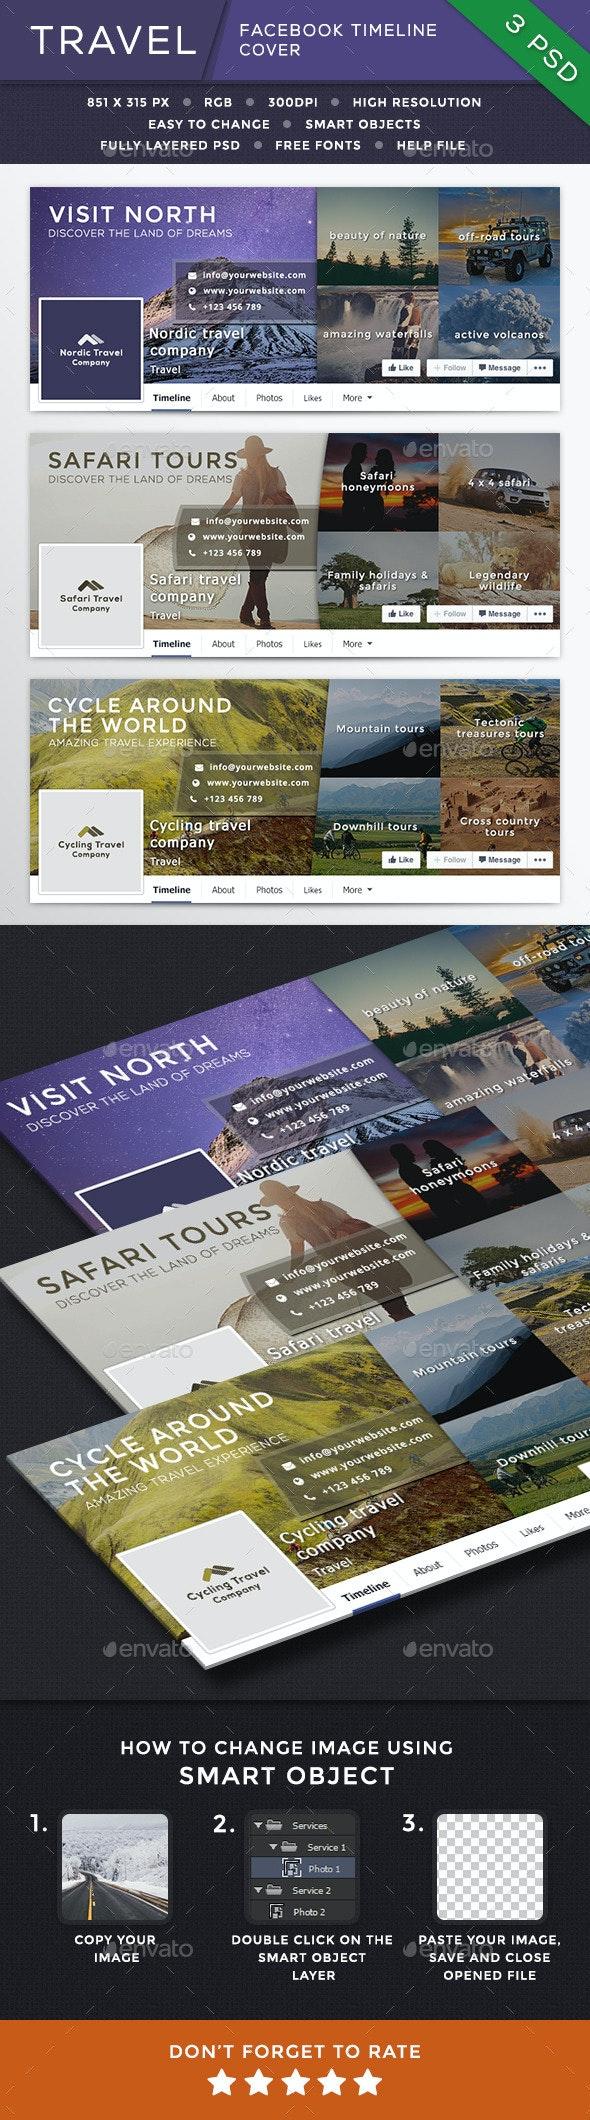 Travel Facebook Timeline Cover - Facebook Timeline Covers Social Media